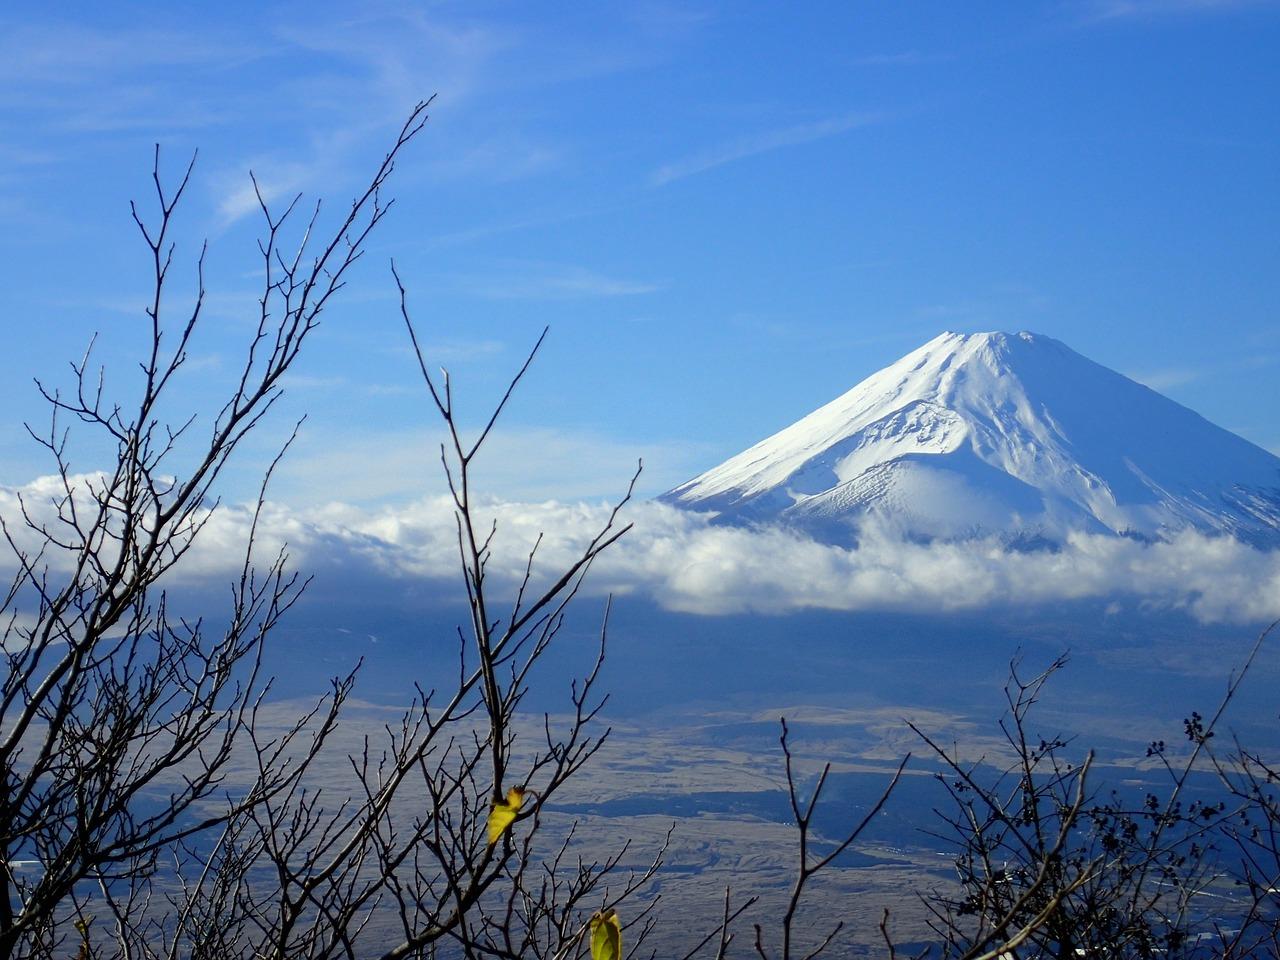 箱根のおすすめお出かけスポット9選♪絶景や歴史を楽しもう!